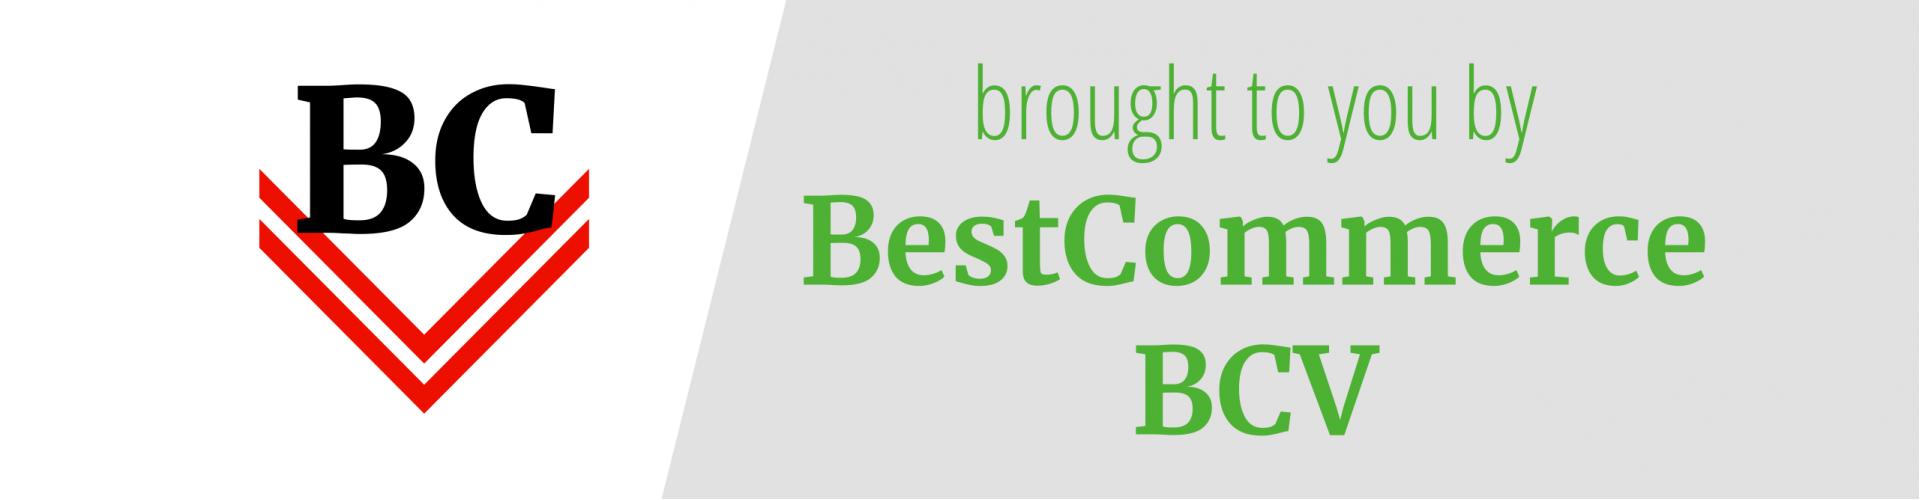 BestCommerce BCV